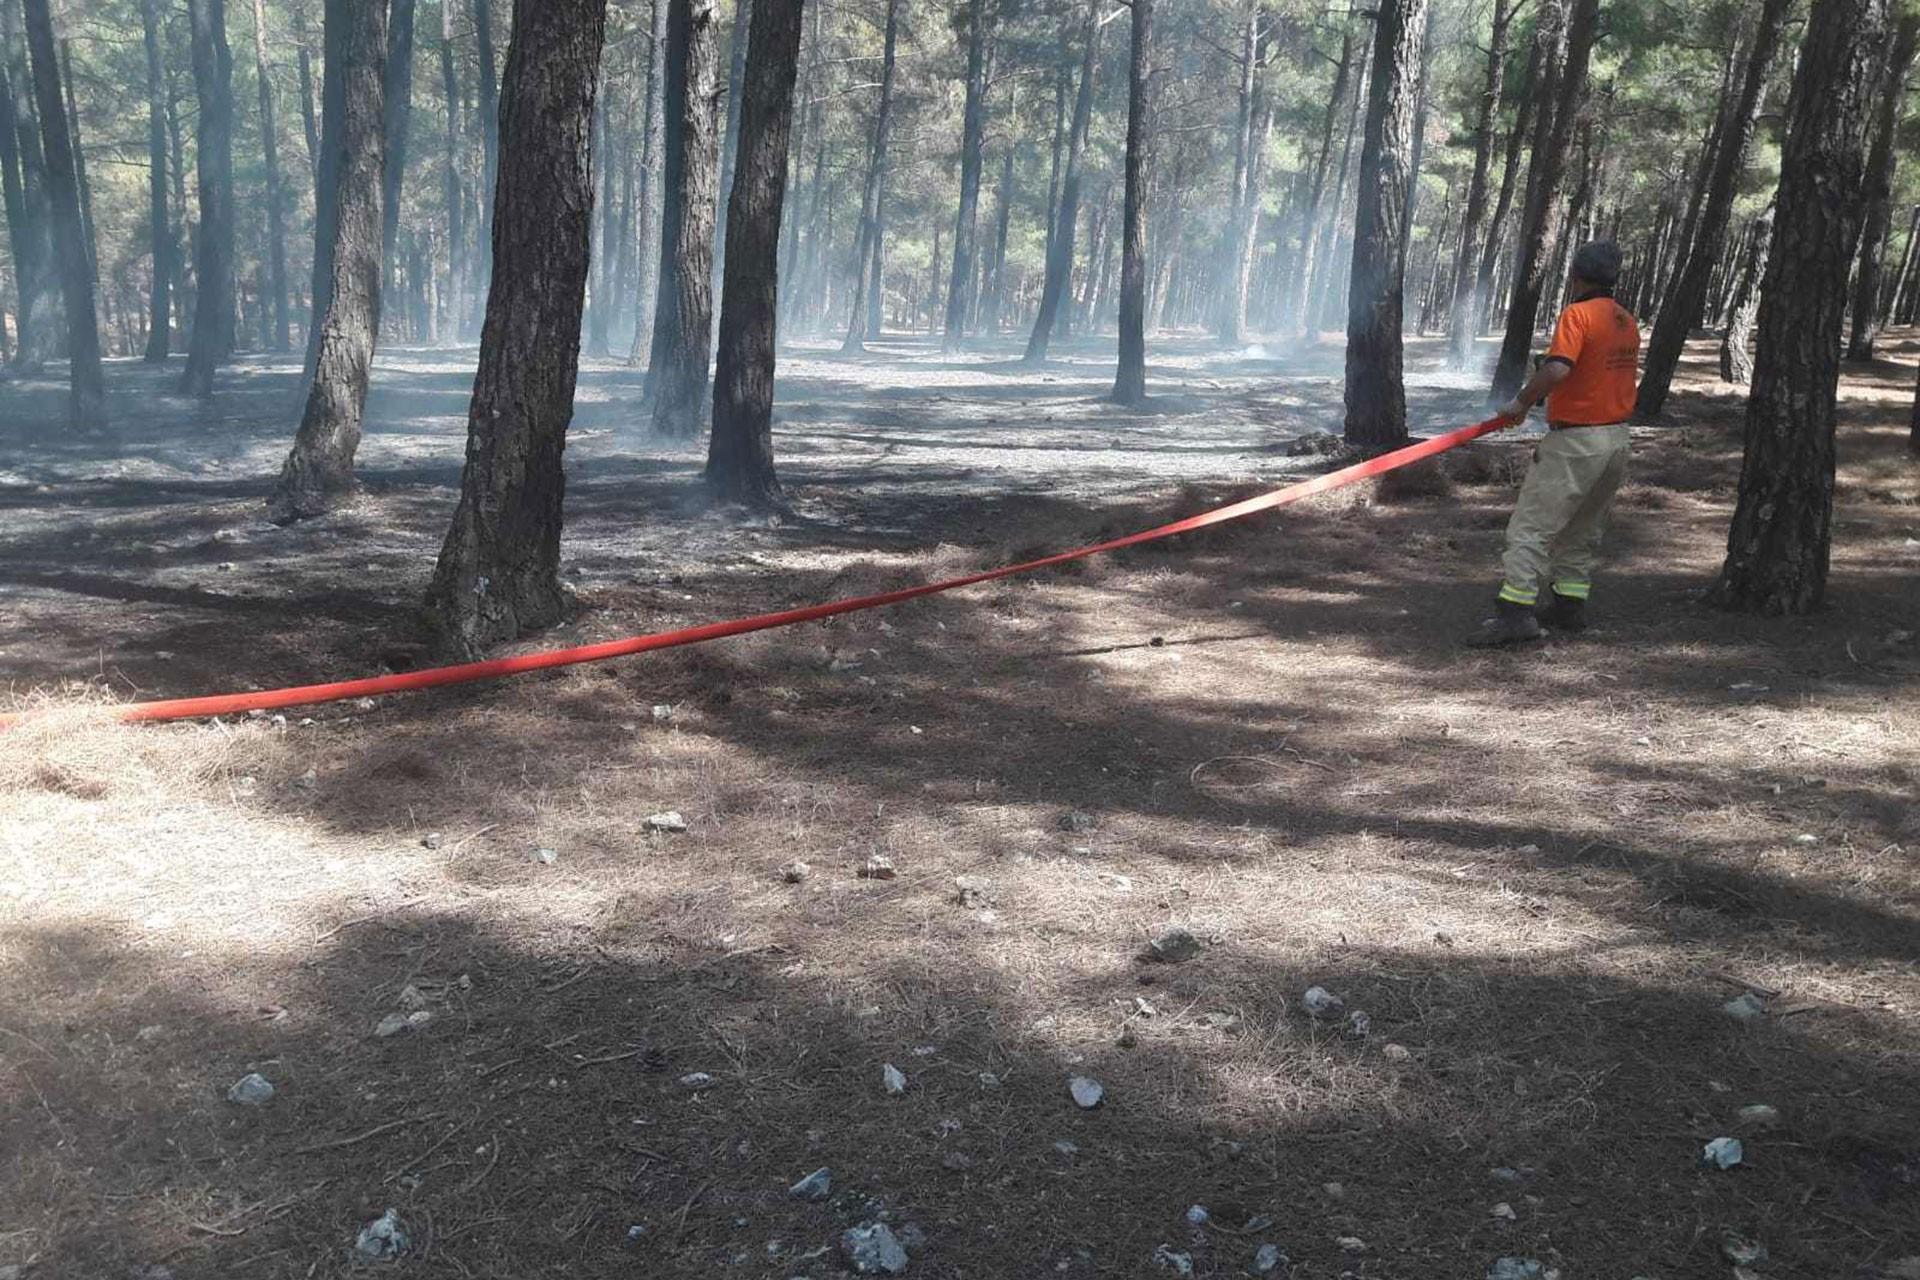 Maraş'ta piknik ateşi orman yangınına yol açtı